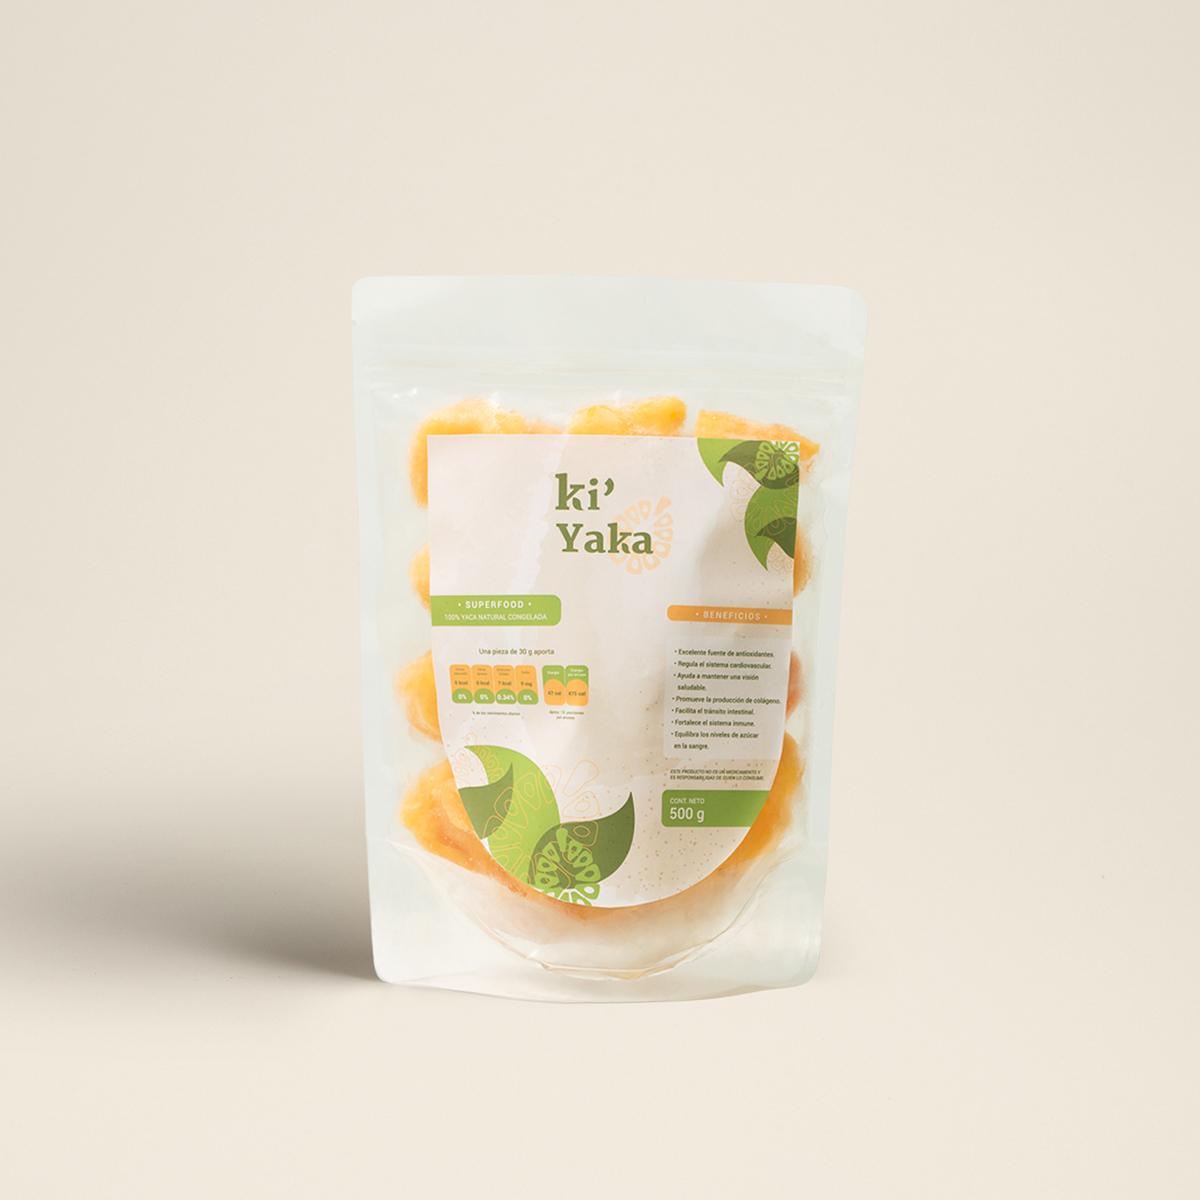 etiqueta empaque kiyaka